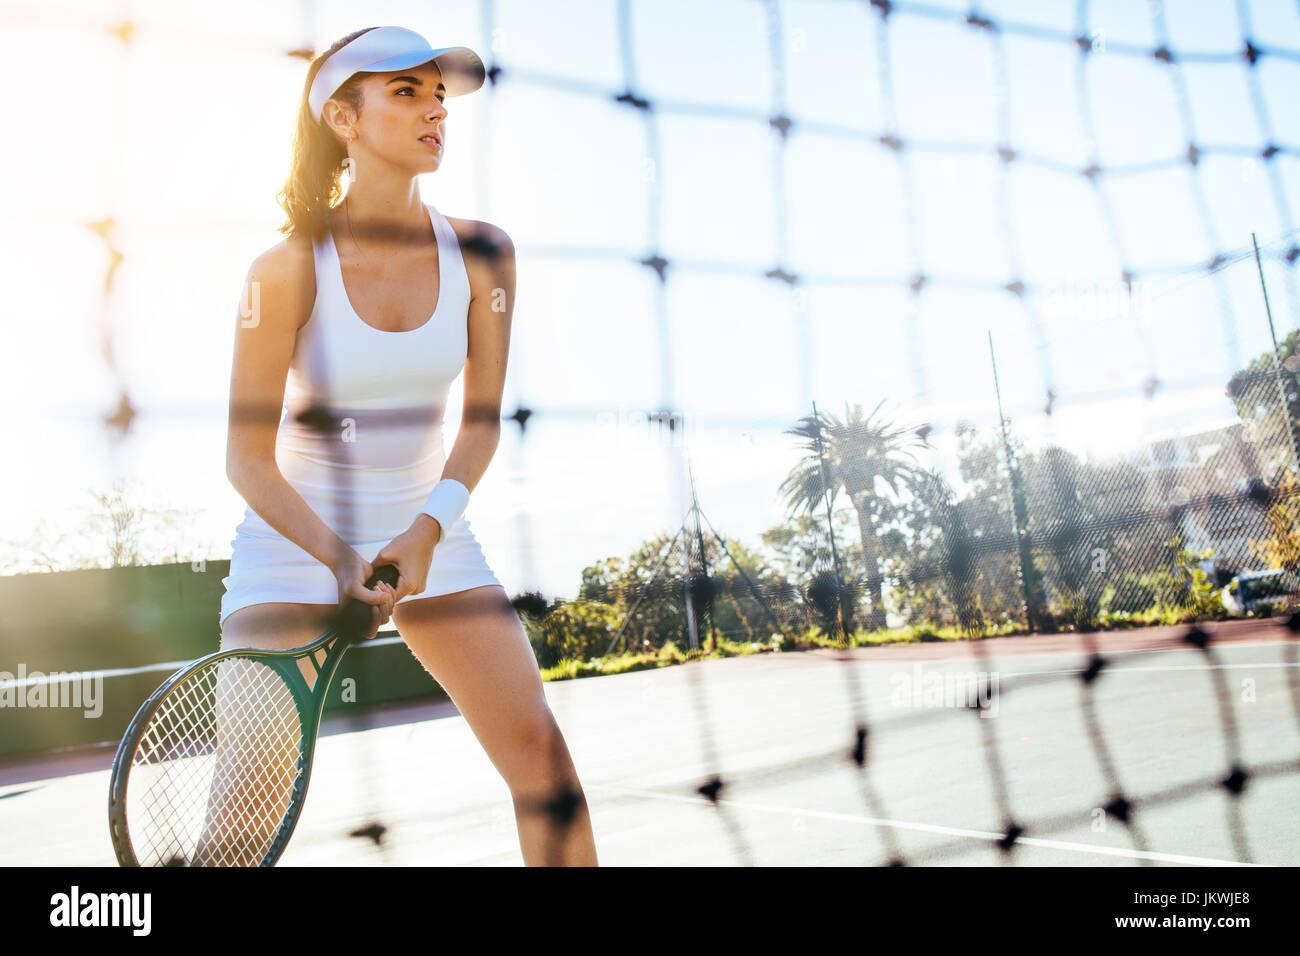 Portrait d'une jeune et belle avec le joueur de tennis racket sur cour. Grande sportive jouant un match le tennis. Photo Stock